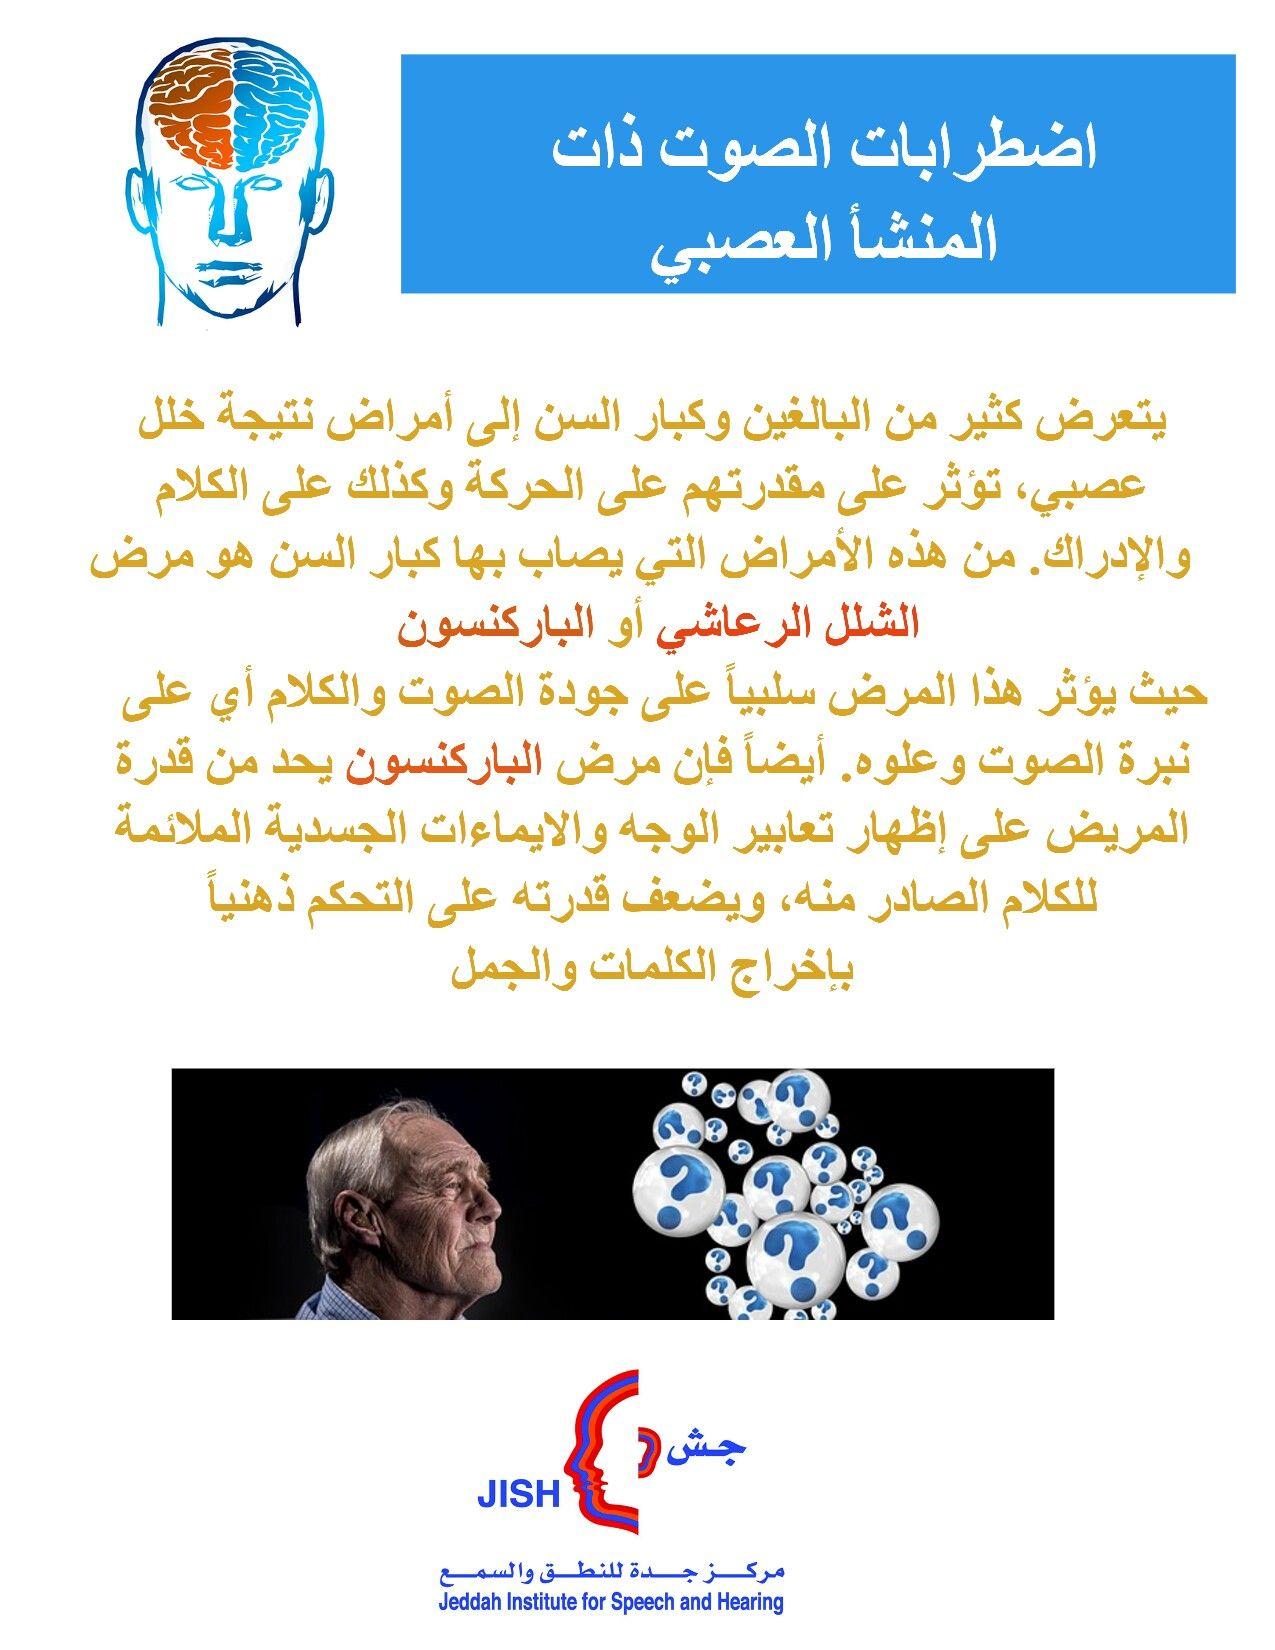 صوت عصبي أعصاب دماغ دماغيه شلل الشلل الرعاشي باركنسون التصلب العصبي اللويحي Voicedisorders Parkinsons Multiplesclero Speech Therapy Speech Therapy